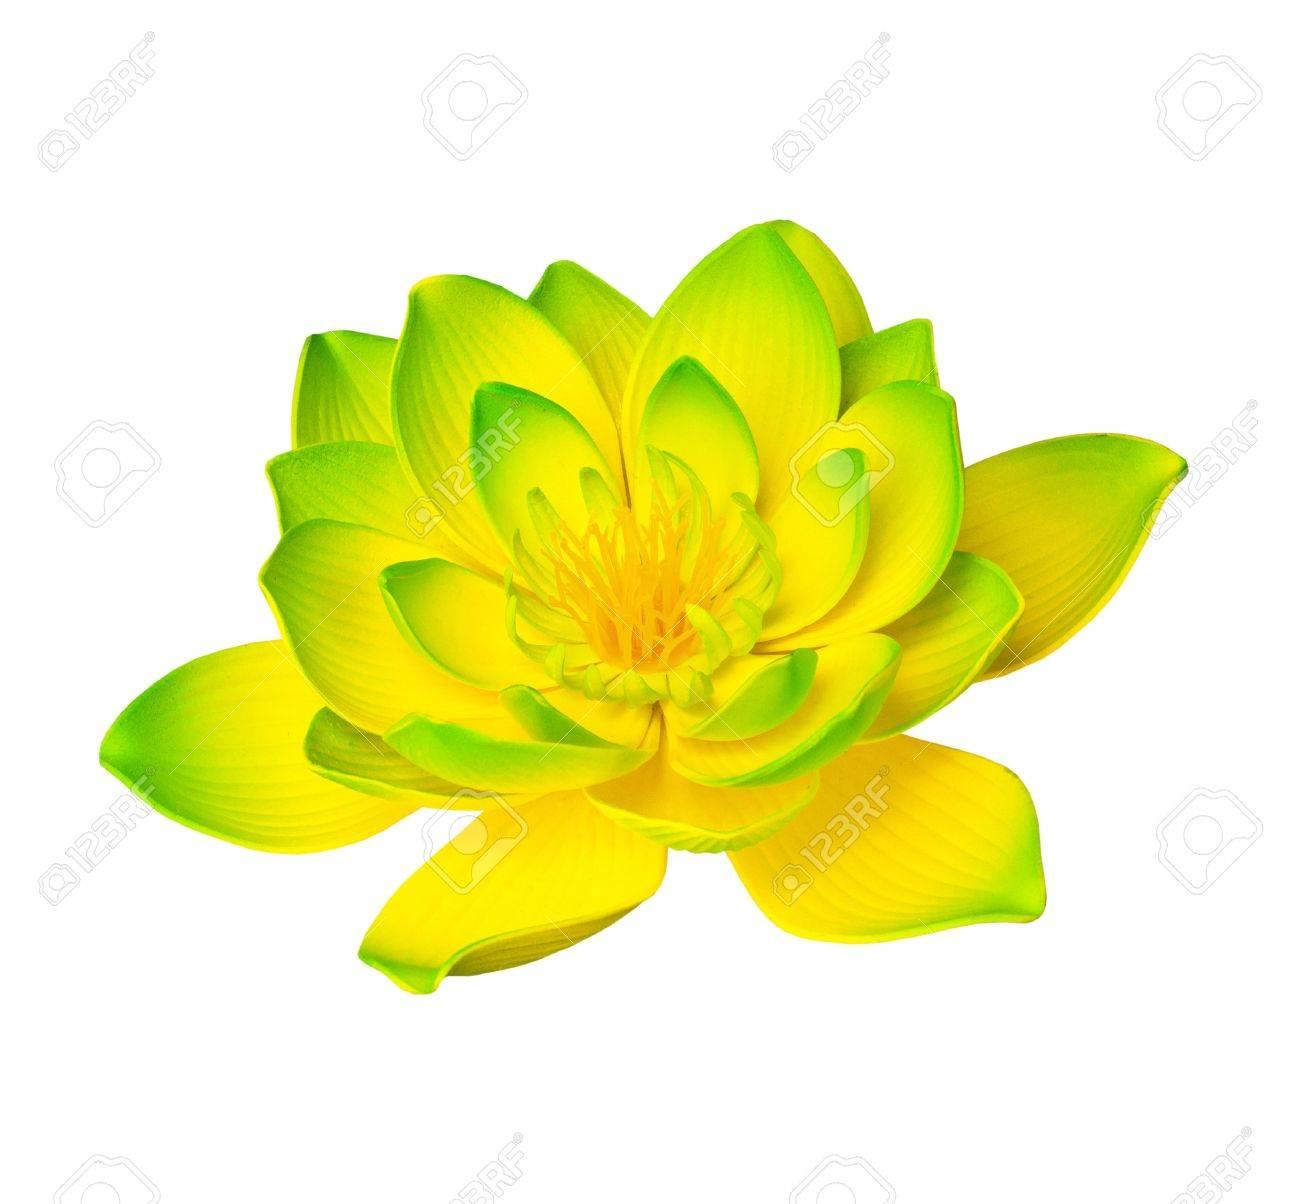 Yellow lotus - 11536904